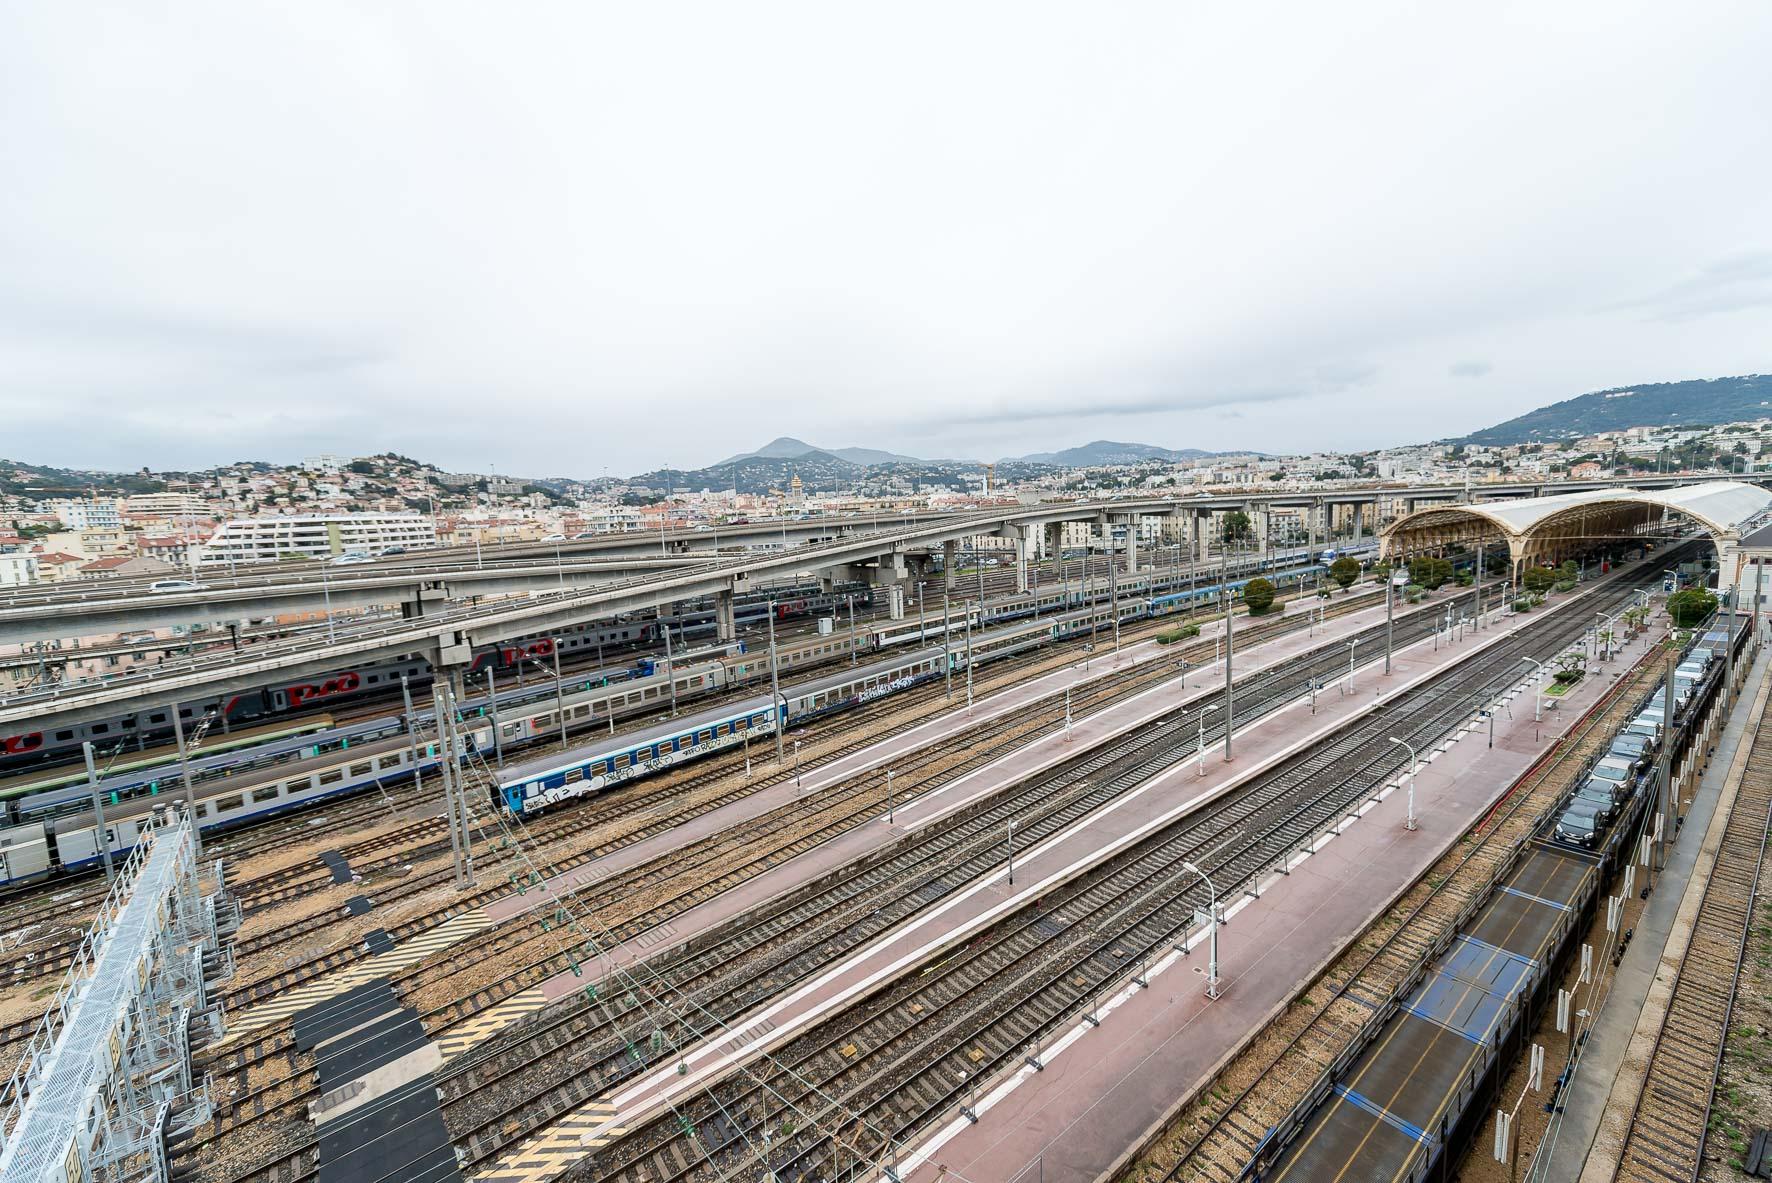 Le Blog de Cécile Na - Shooting Gare de Nice - 28 Février 2016 - Nice